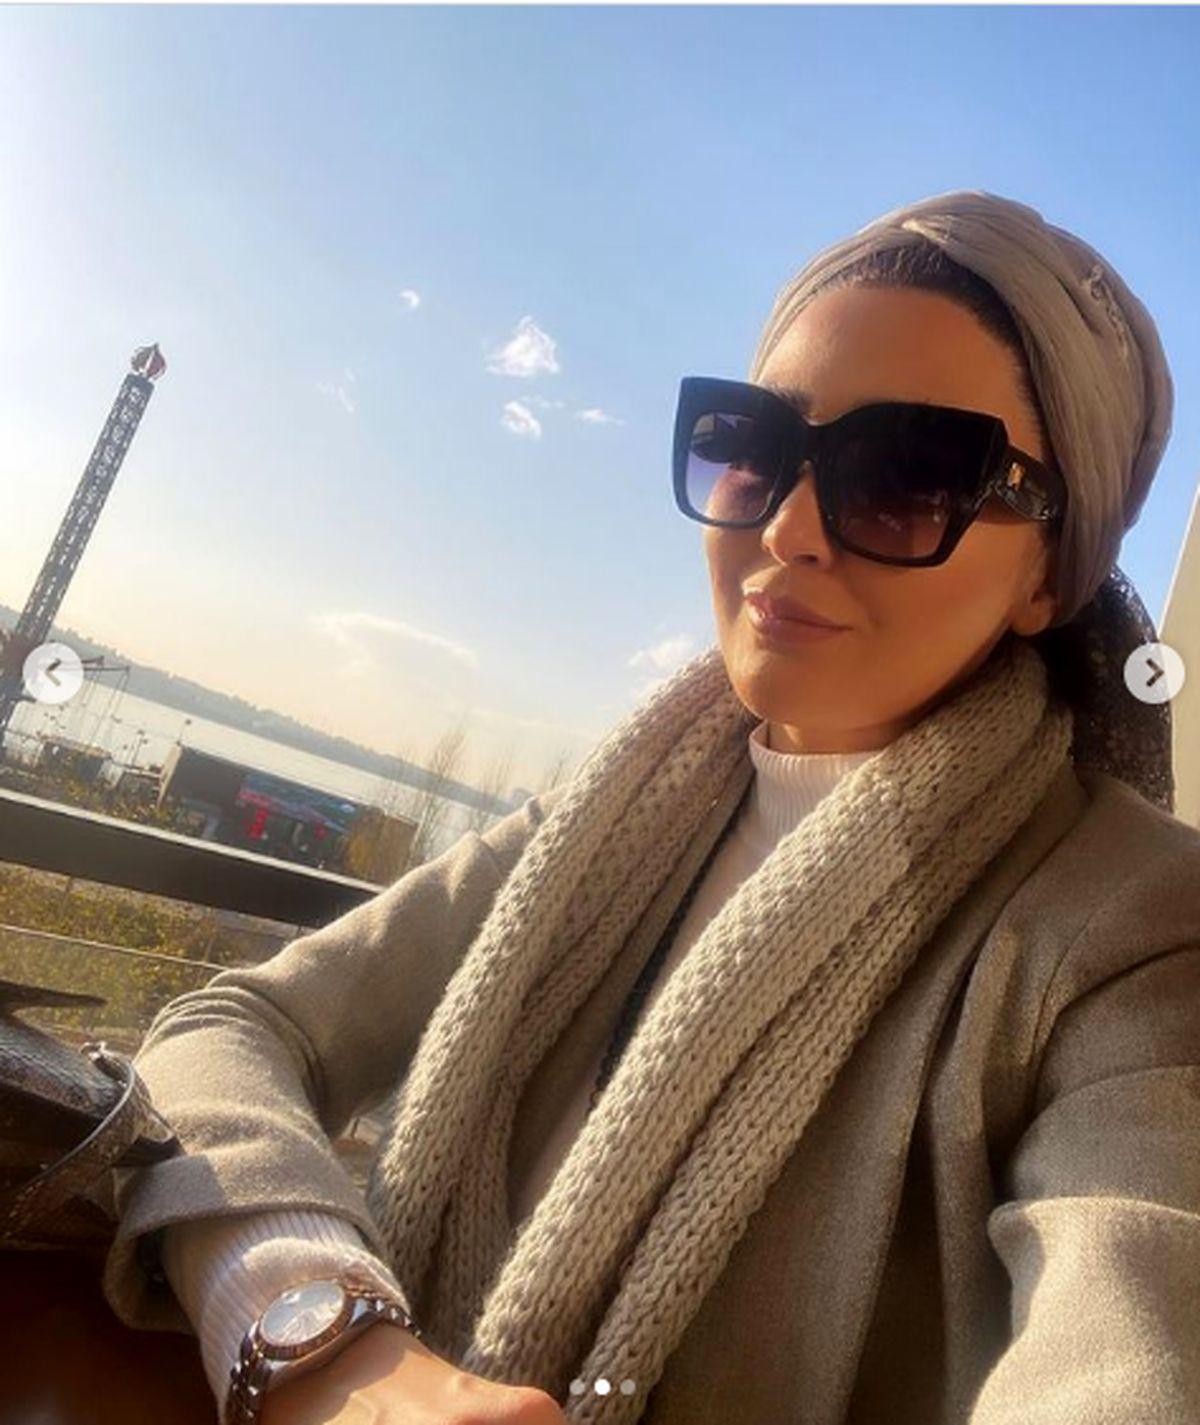 زندگی خصوصی مریم معصومی + عکس های مریم معصومی